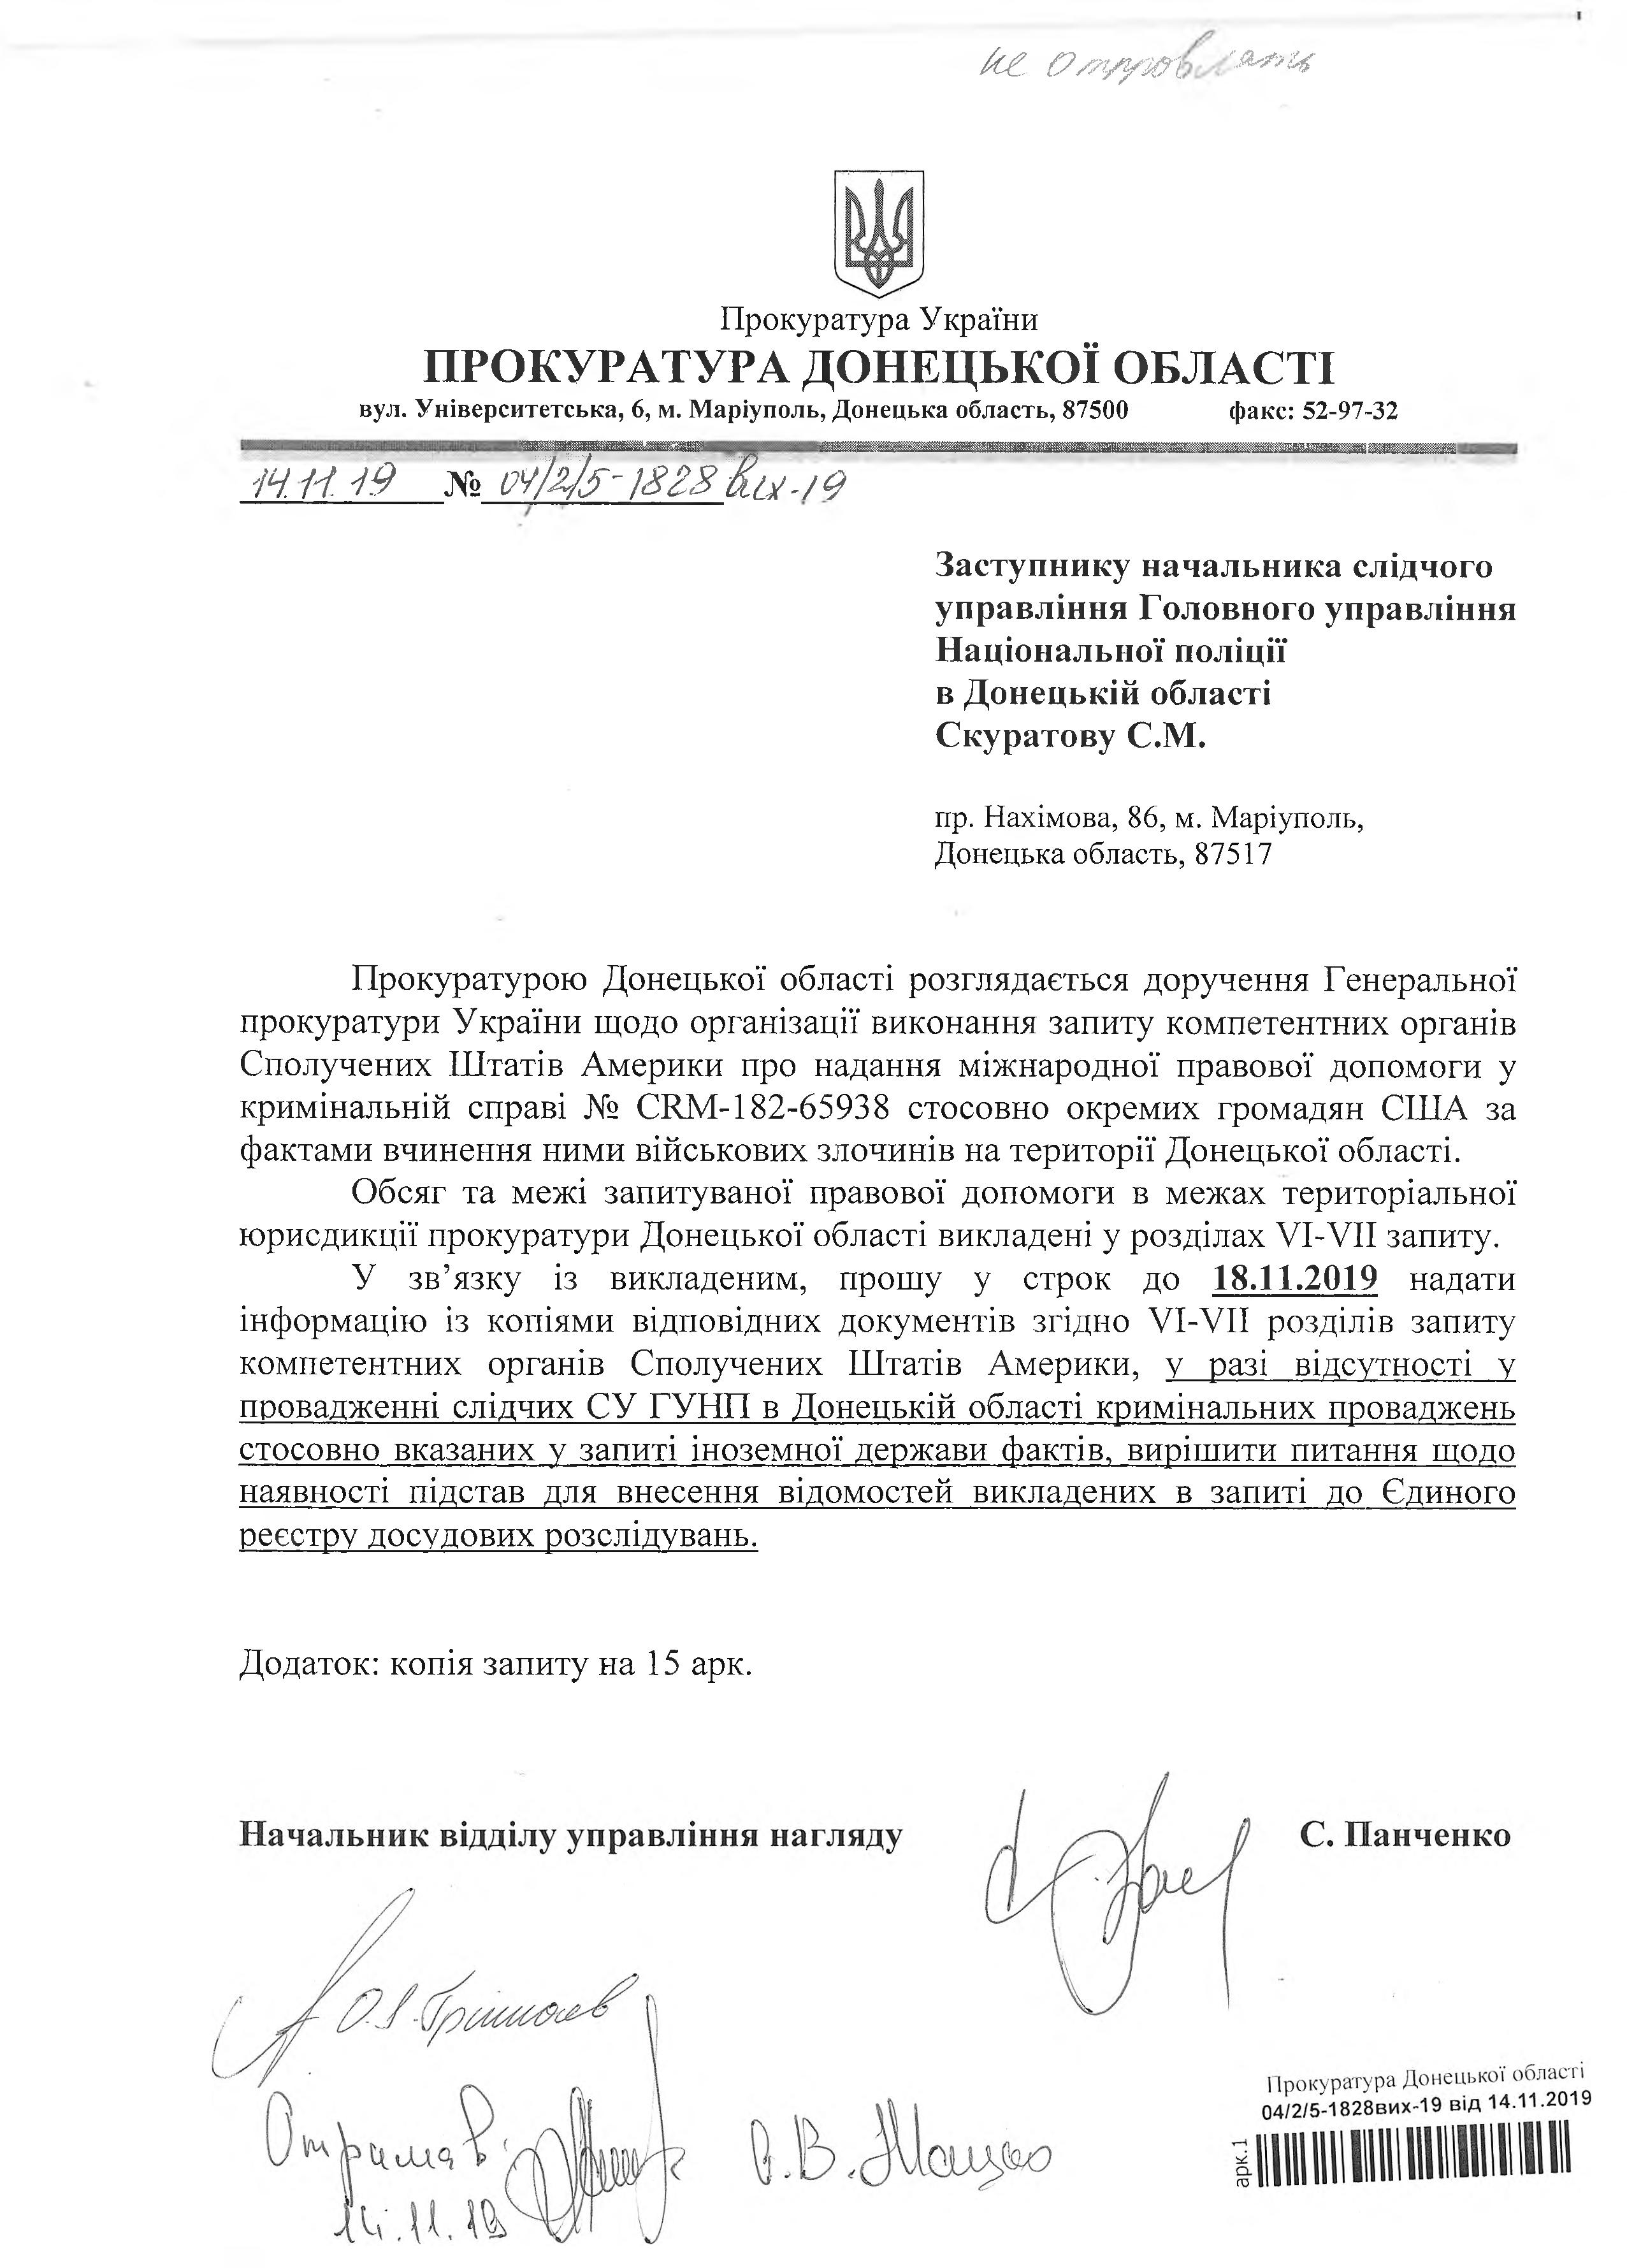 Demande d'information des États-Unis concernant les crimes de guerre commis par des Américains dans le Donbass